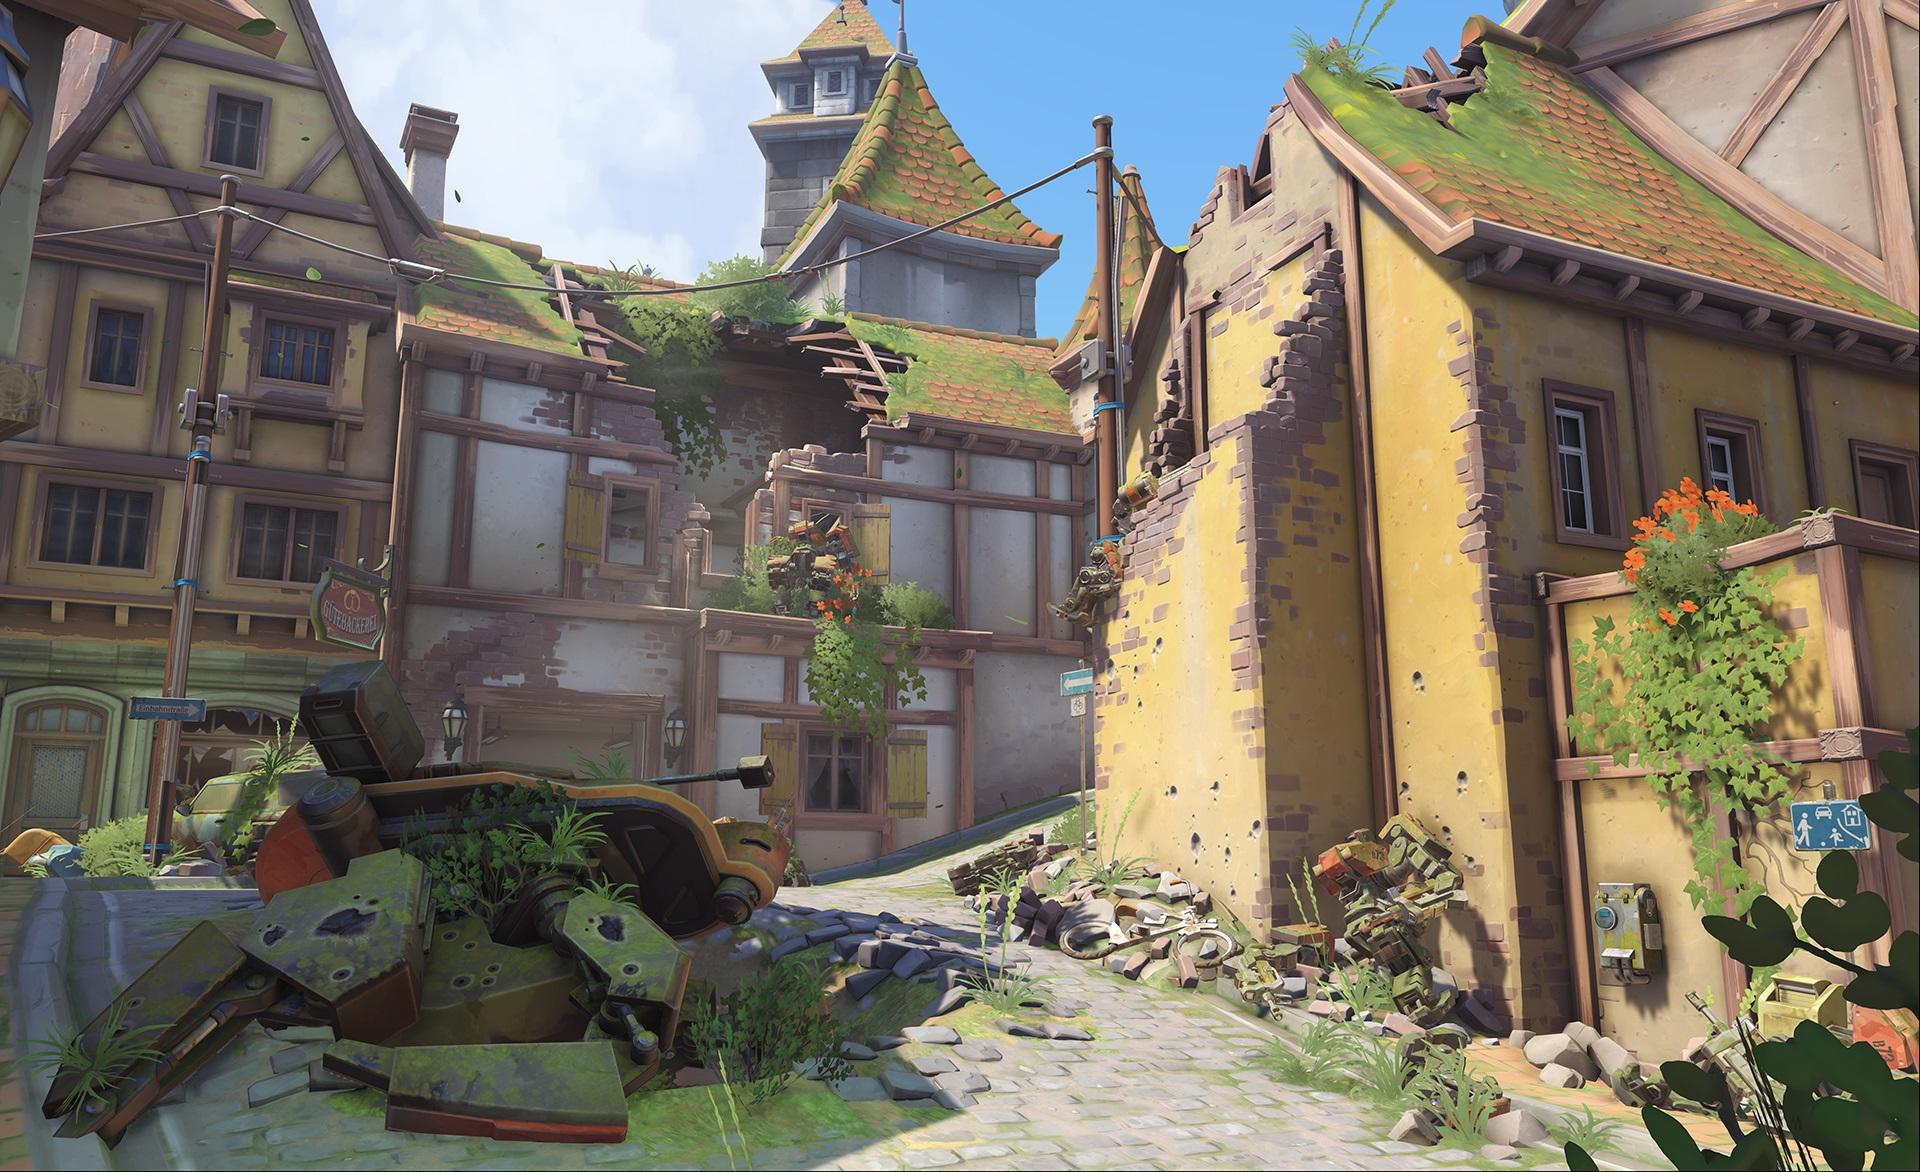 Nová mapa pro Overwatch nás zavede do hradu a přilehlého městečka v Německu 128655